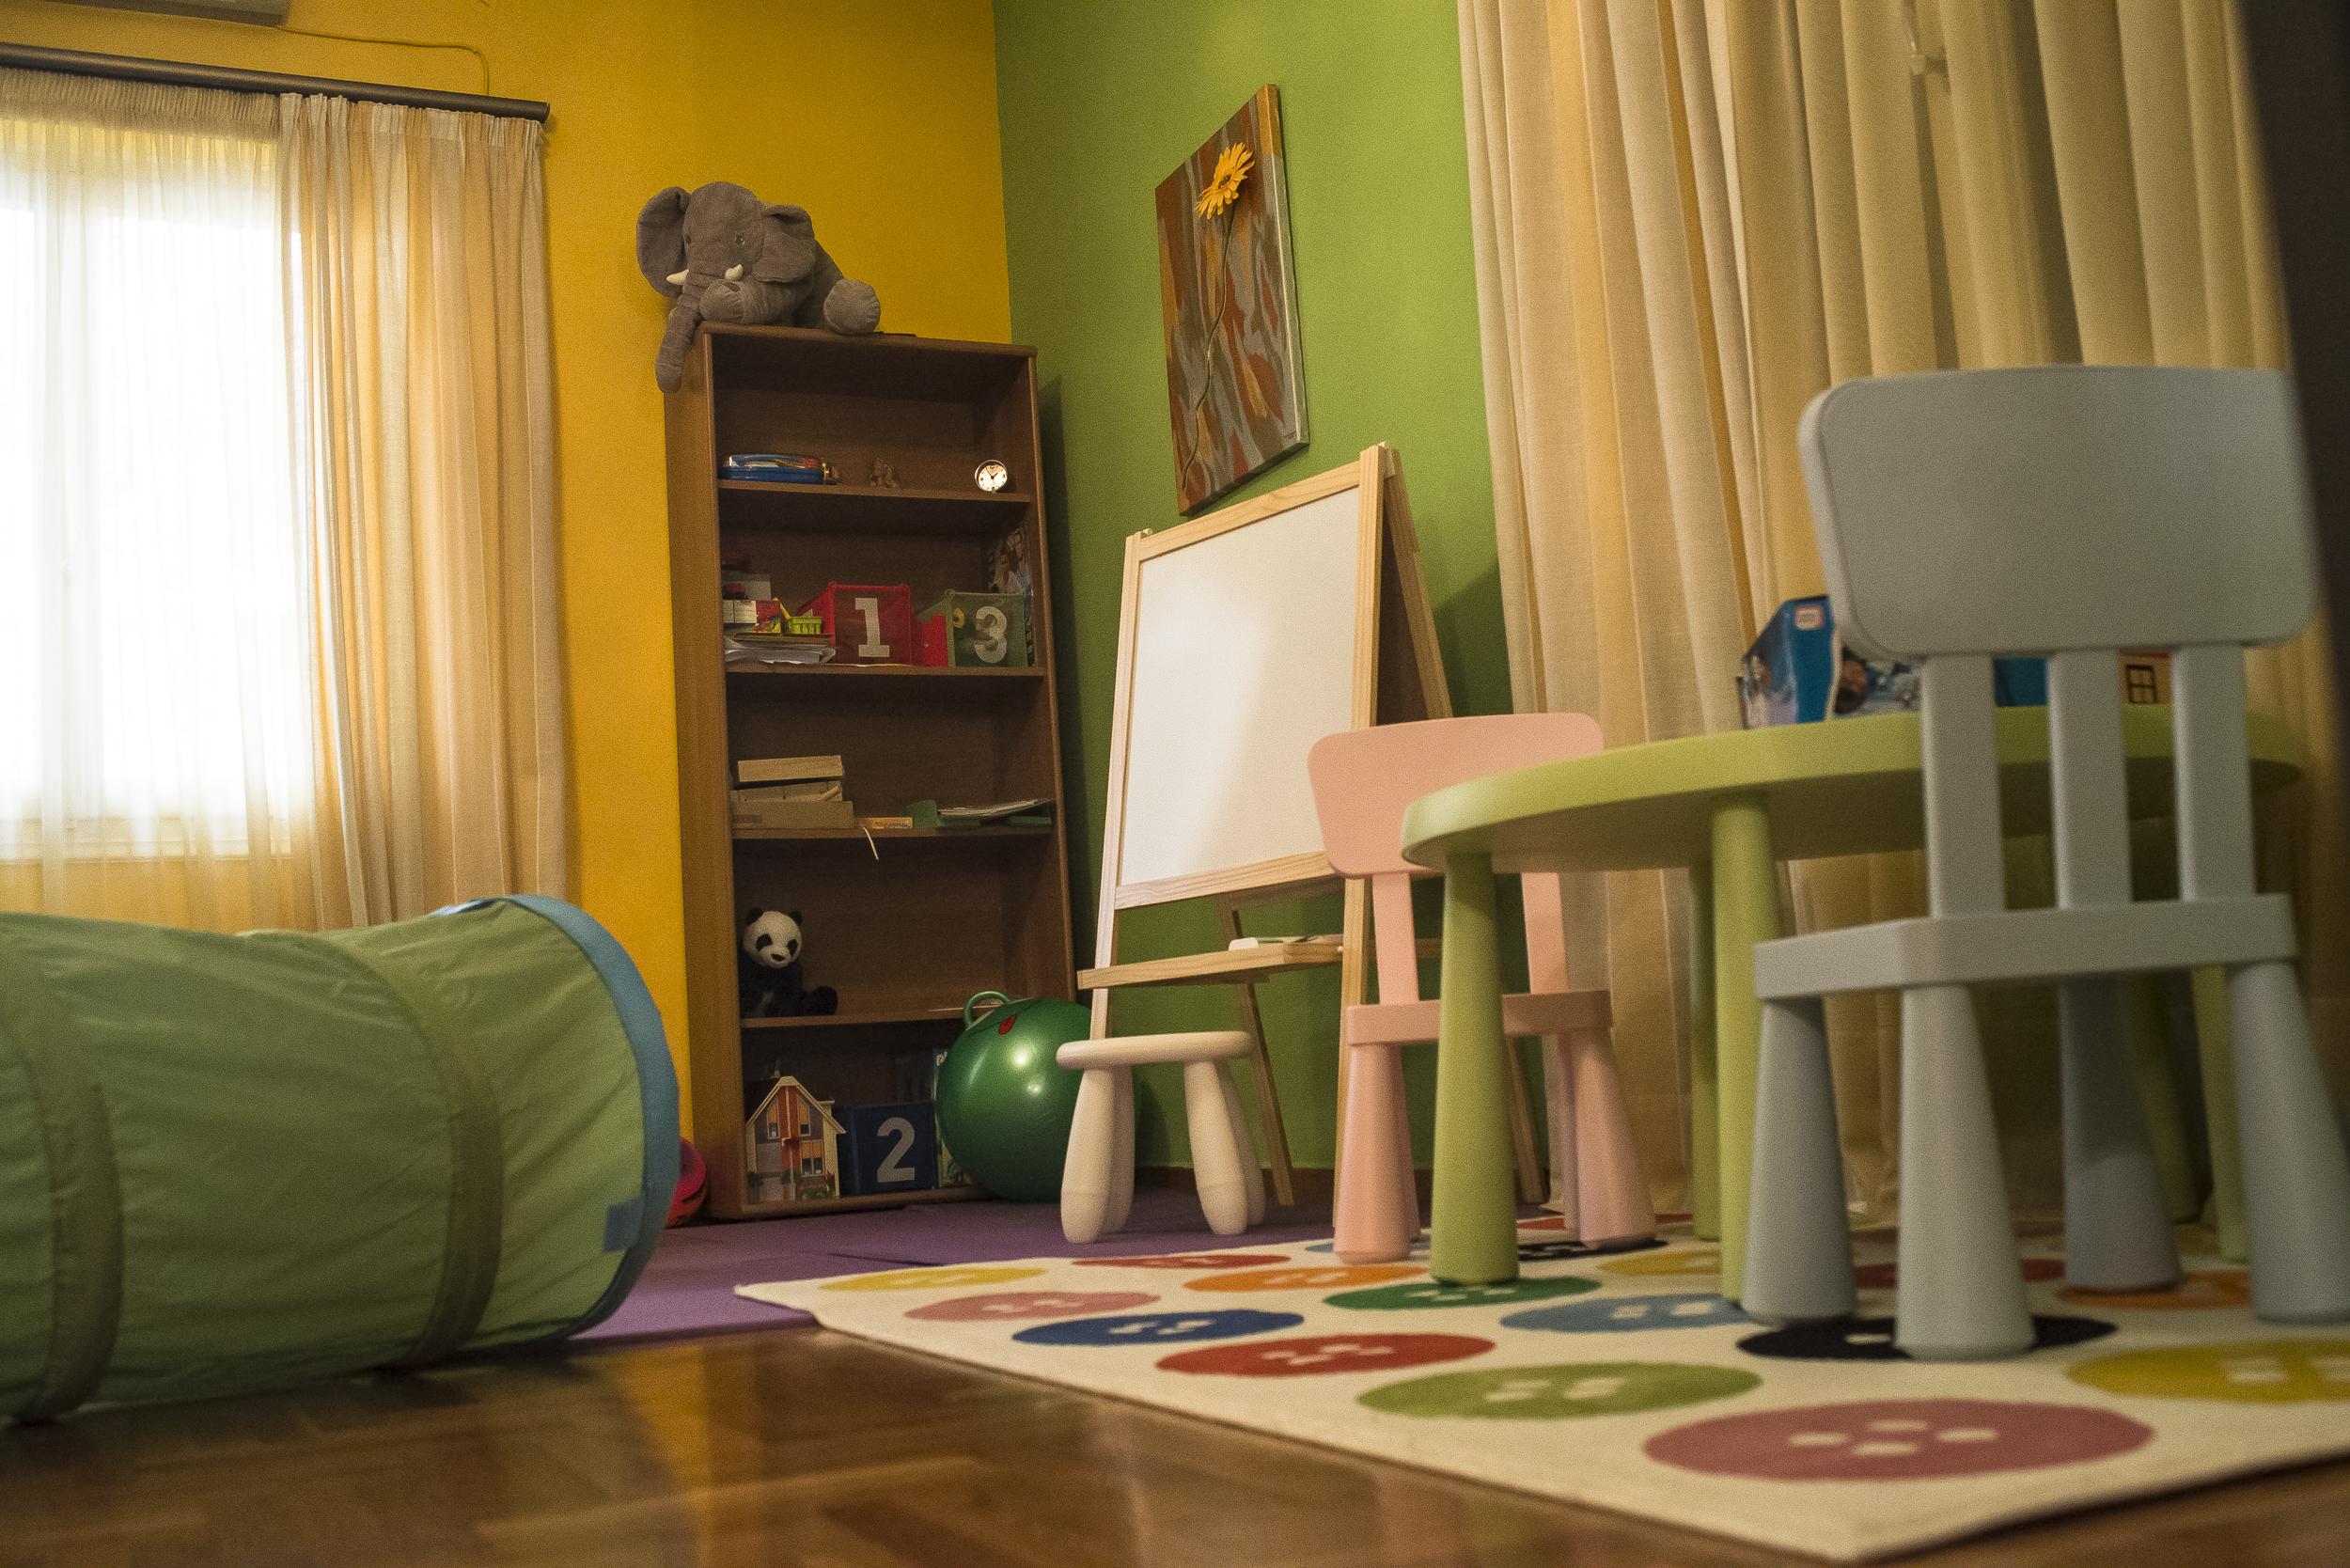 Φωτογραφία από το Ψυχοδός Junior, που ειδικεύεται στην Θεραπευτική Υποστήριξη και Συμβουλευτική Παιδιών και Εφήβων.